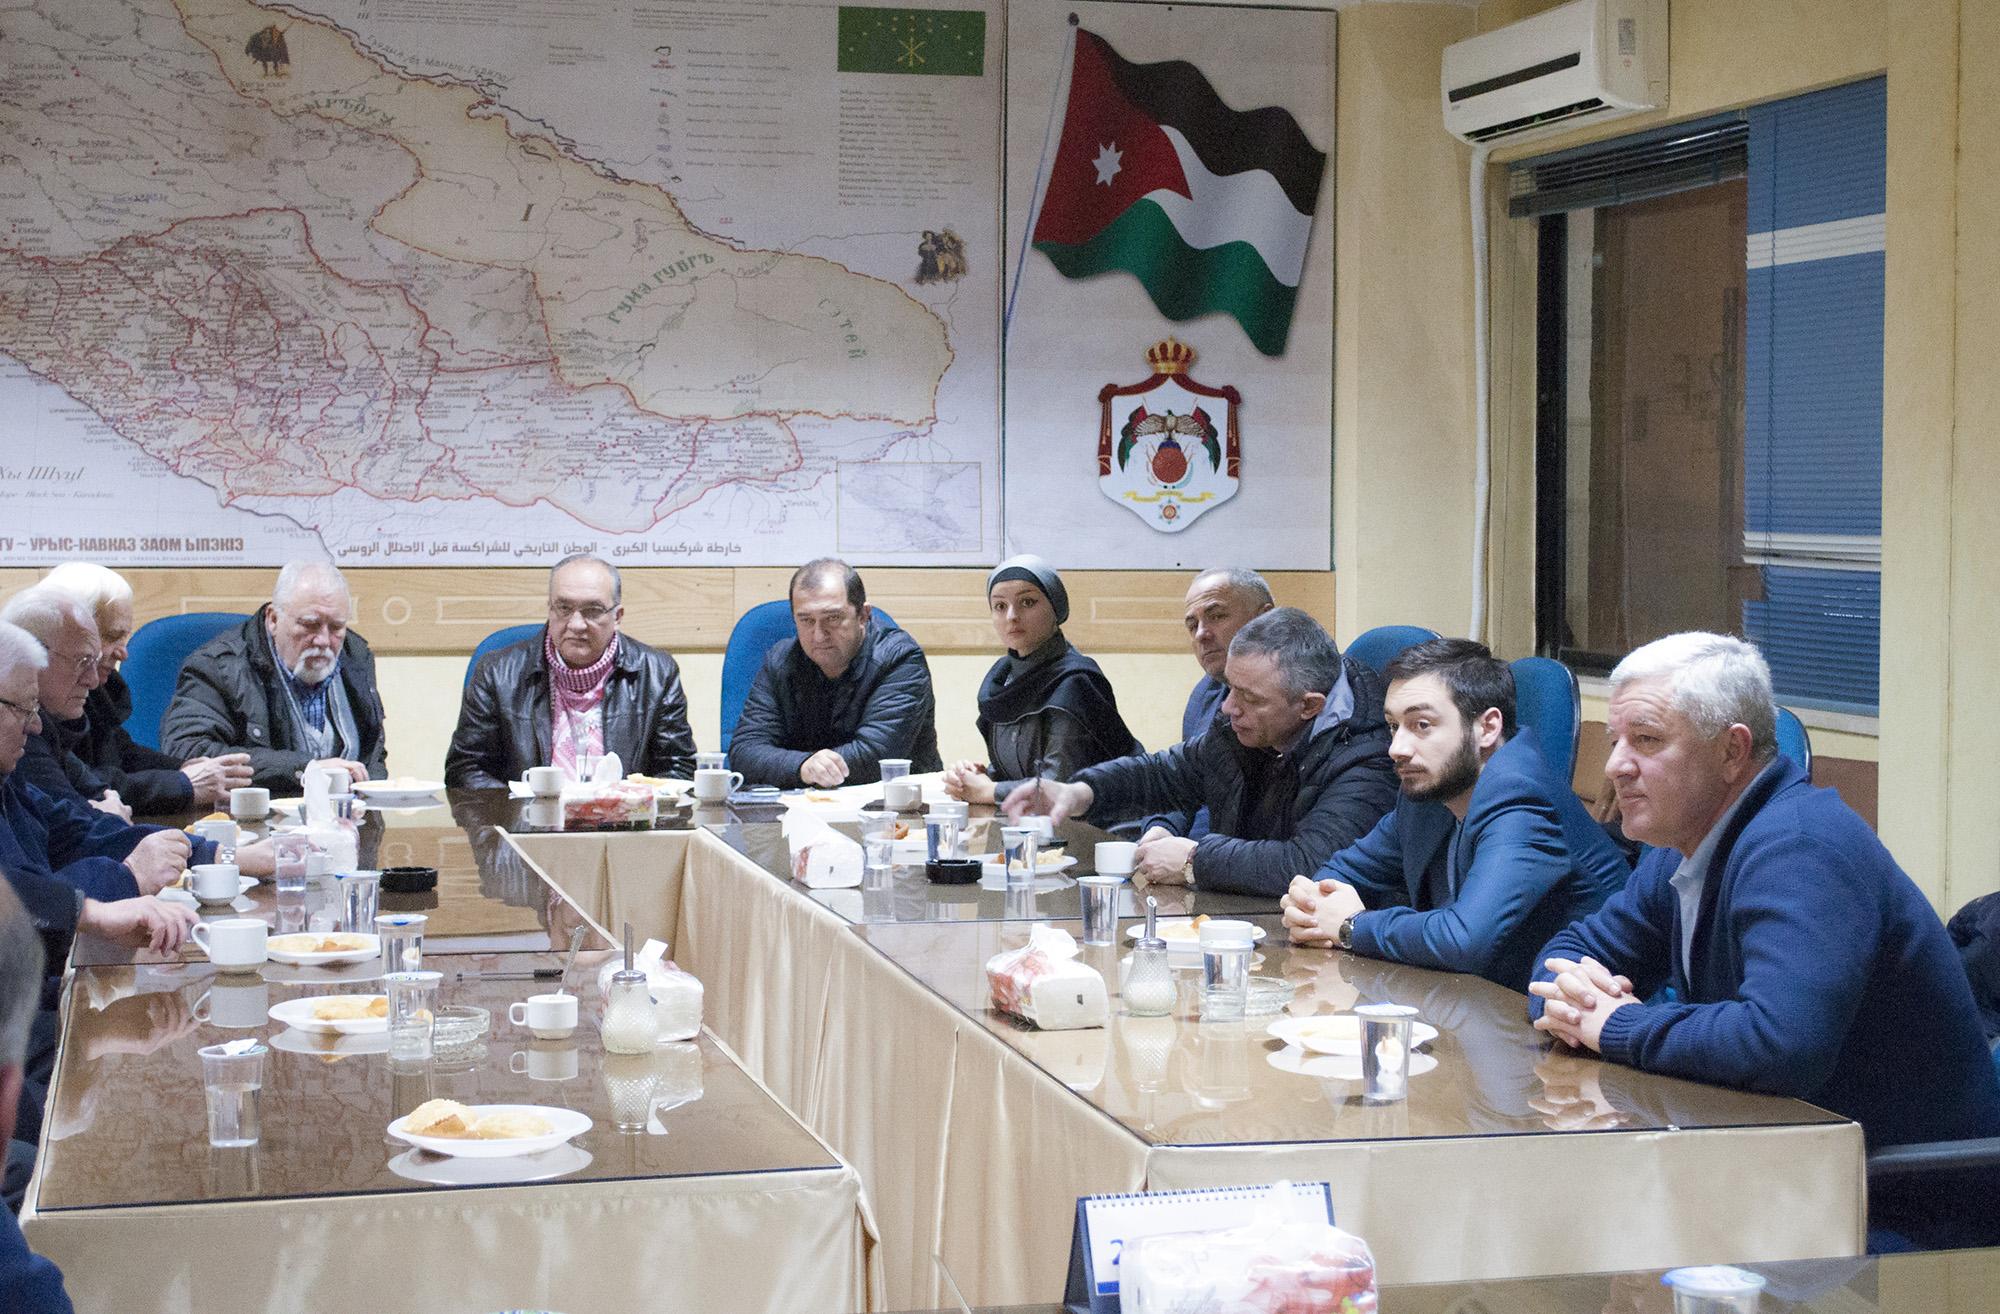 Общество Друзей Черкесов Народа Кавказа в Иордании